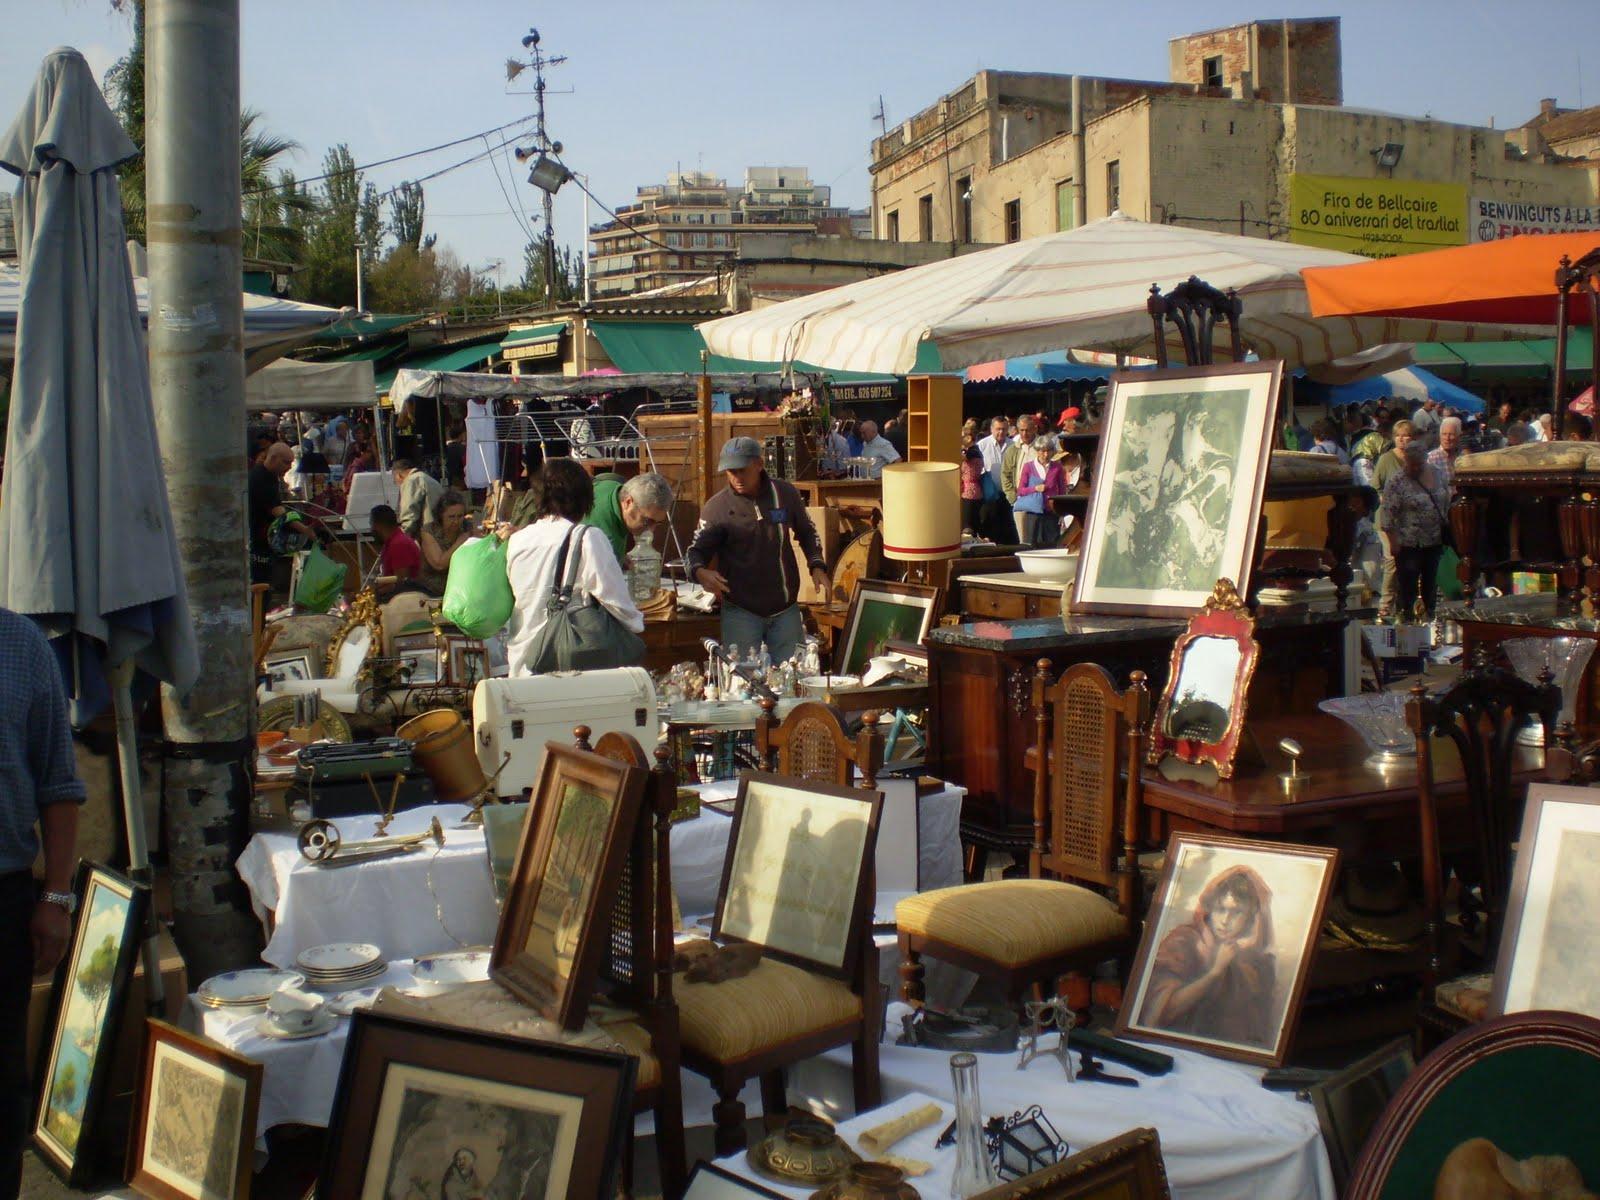 Vintager a mercado de los encantes o encants vells - Encantes barcelona ...